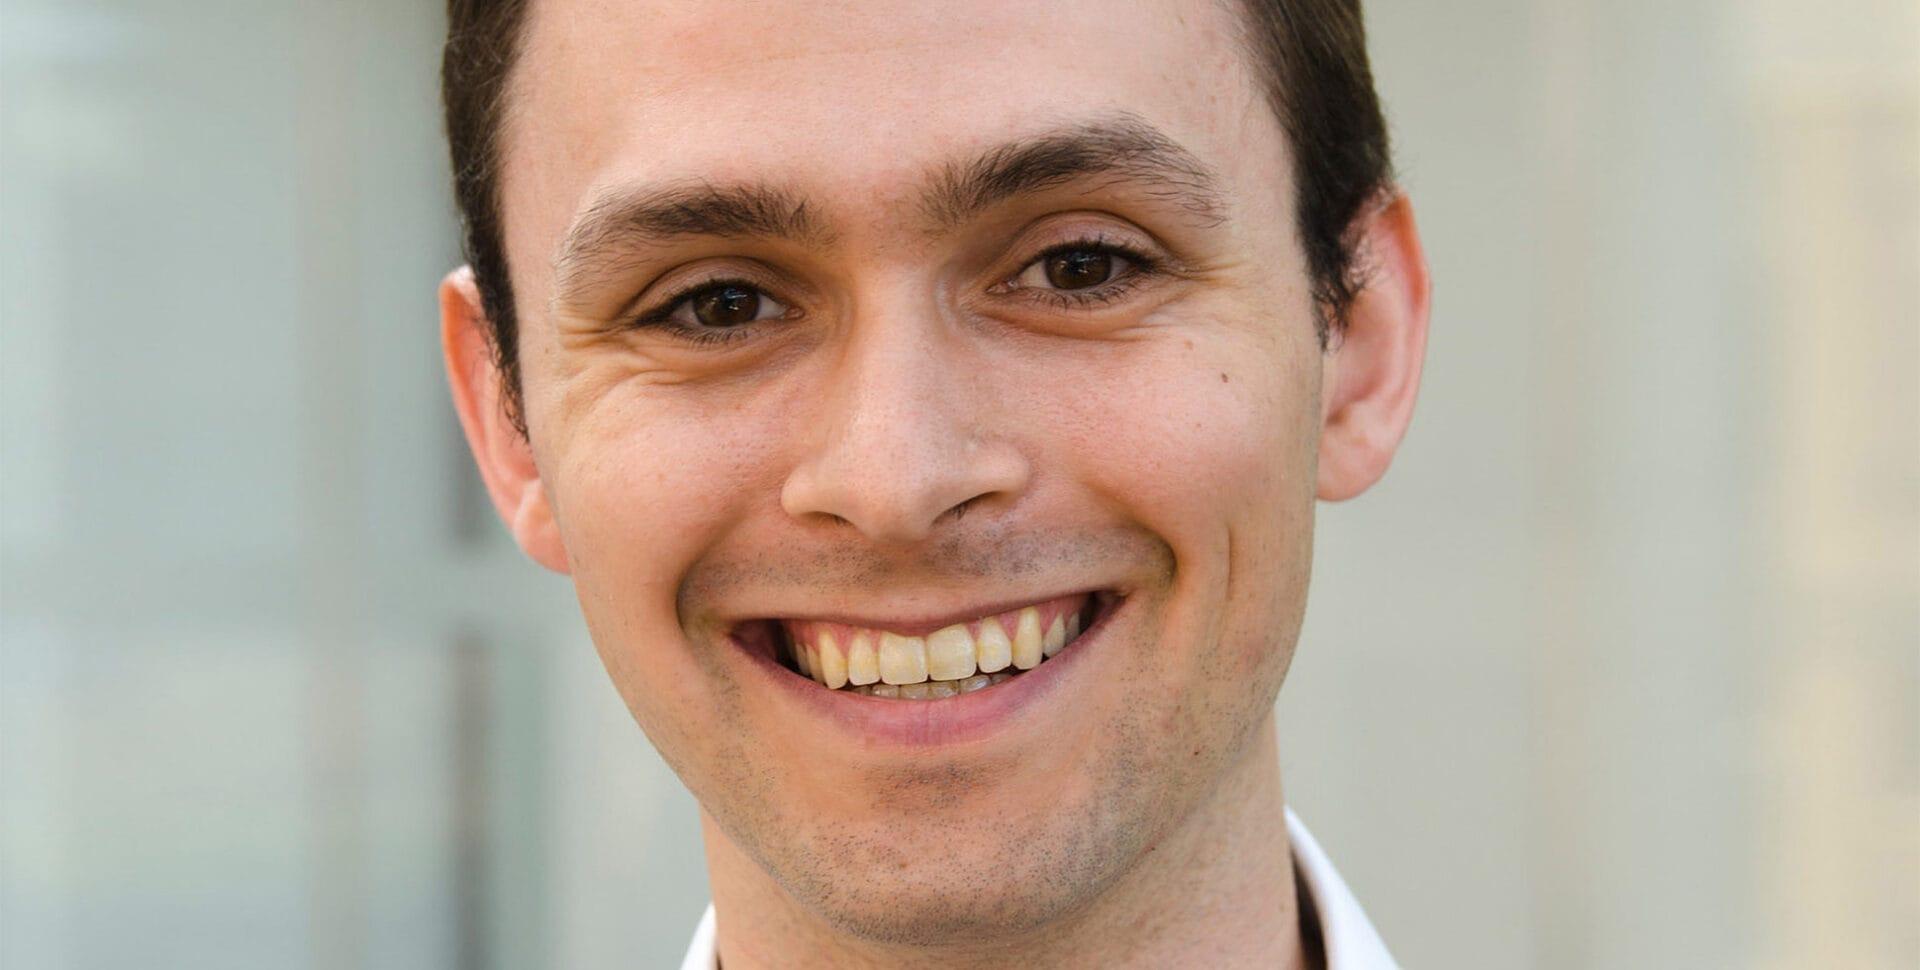 Michal Gabrielczyk